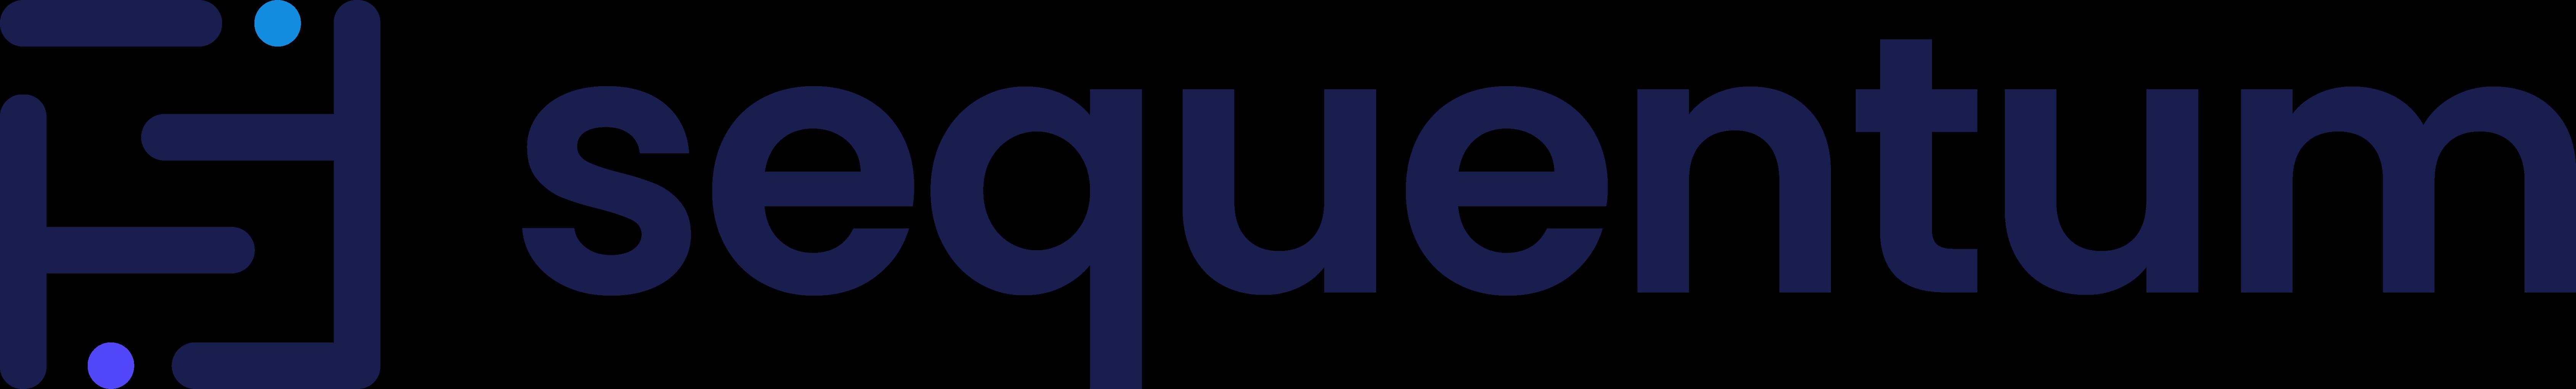 Sequentum-logo-slim